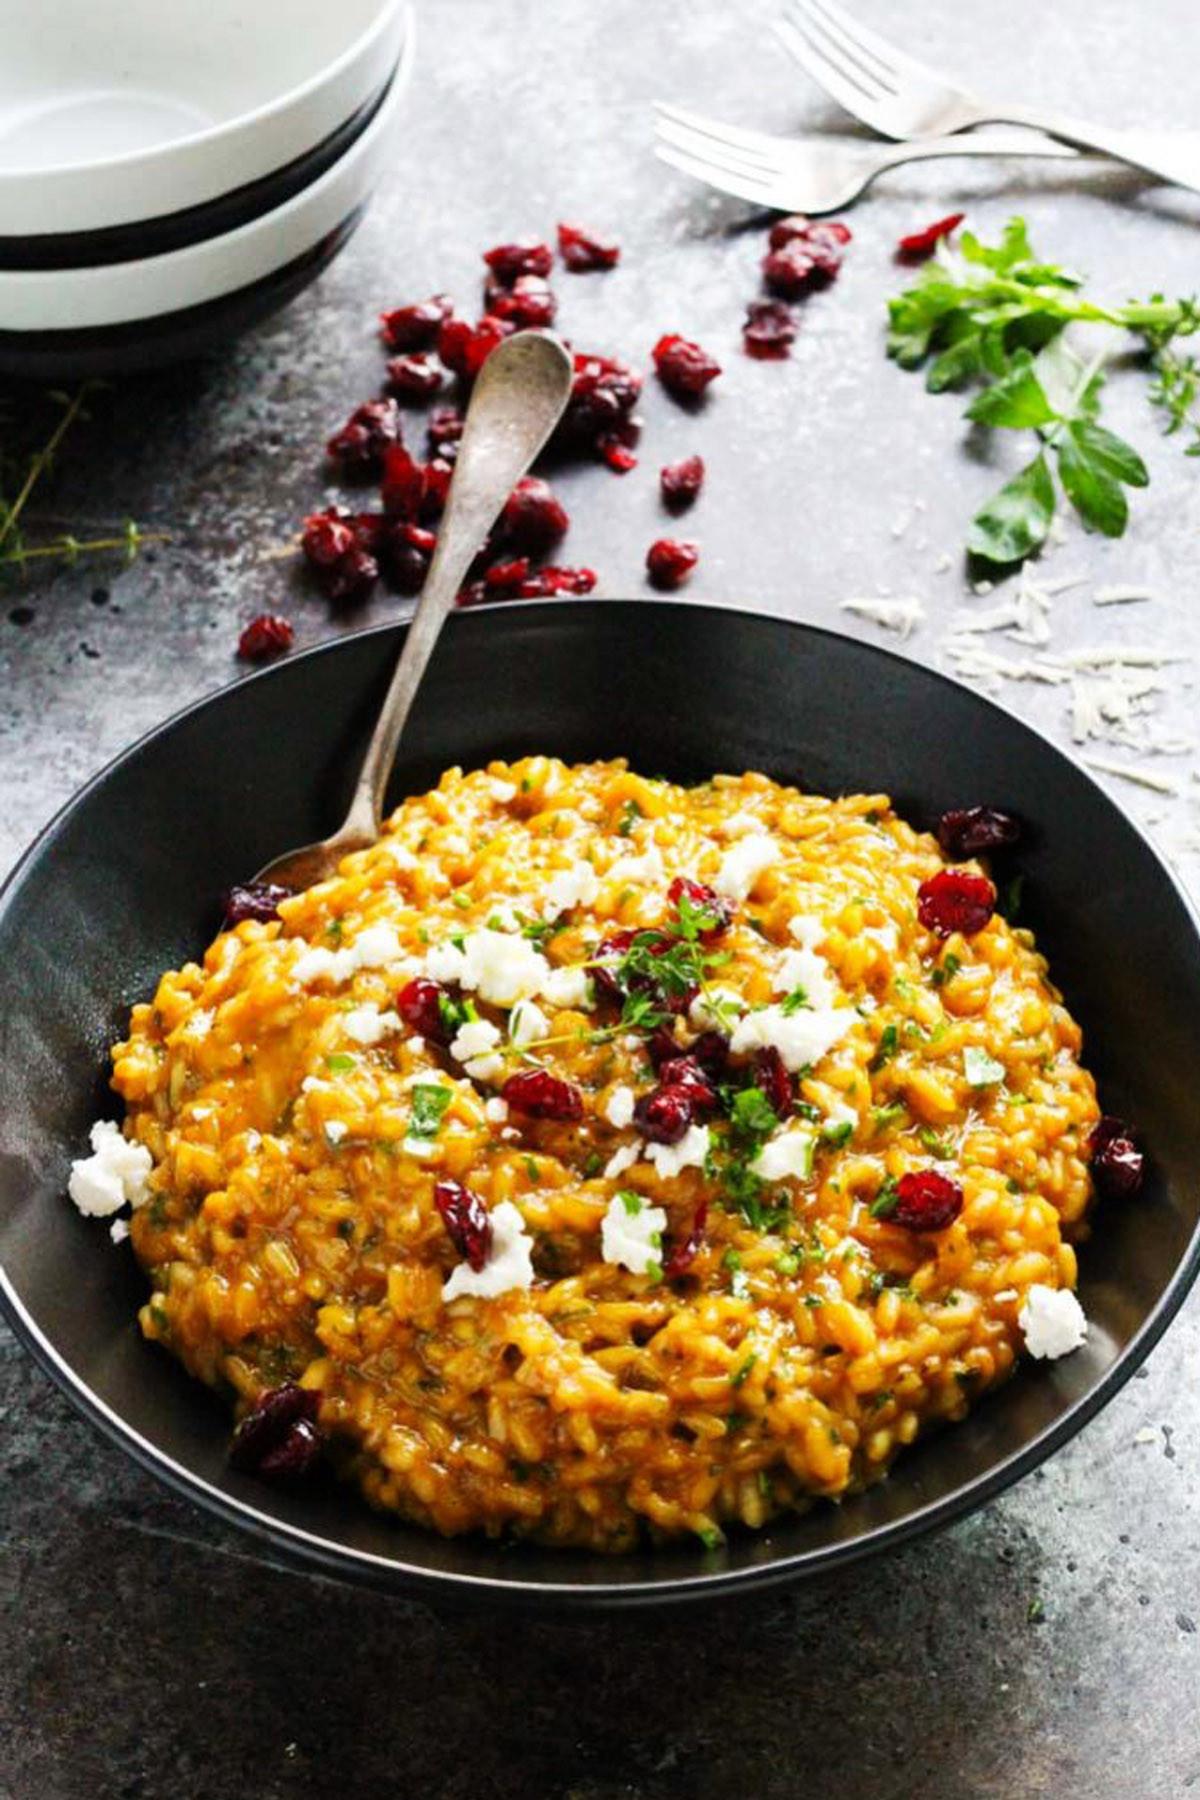 Best Fall Dinner Recipes  25 Easy Fall Dinner Ideas Best Dinner Recipes for Autumn